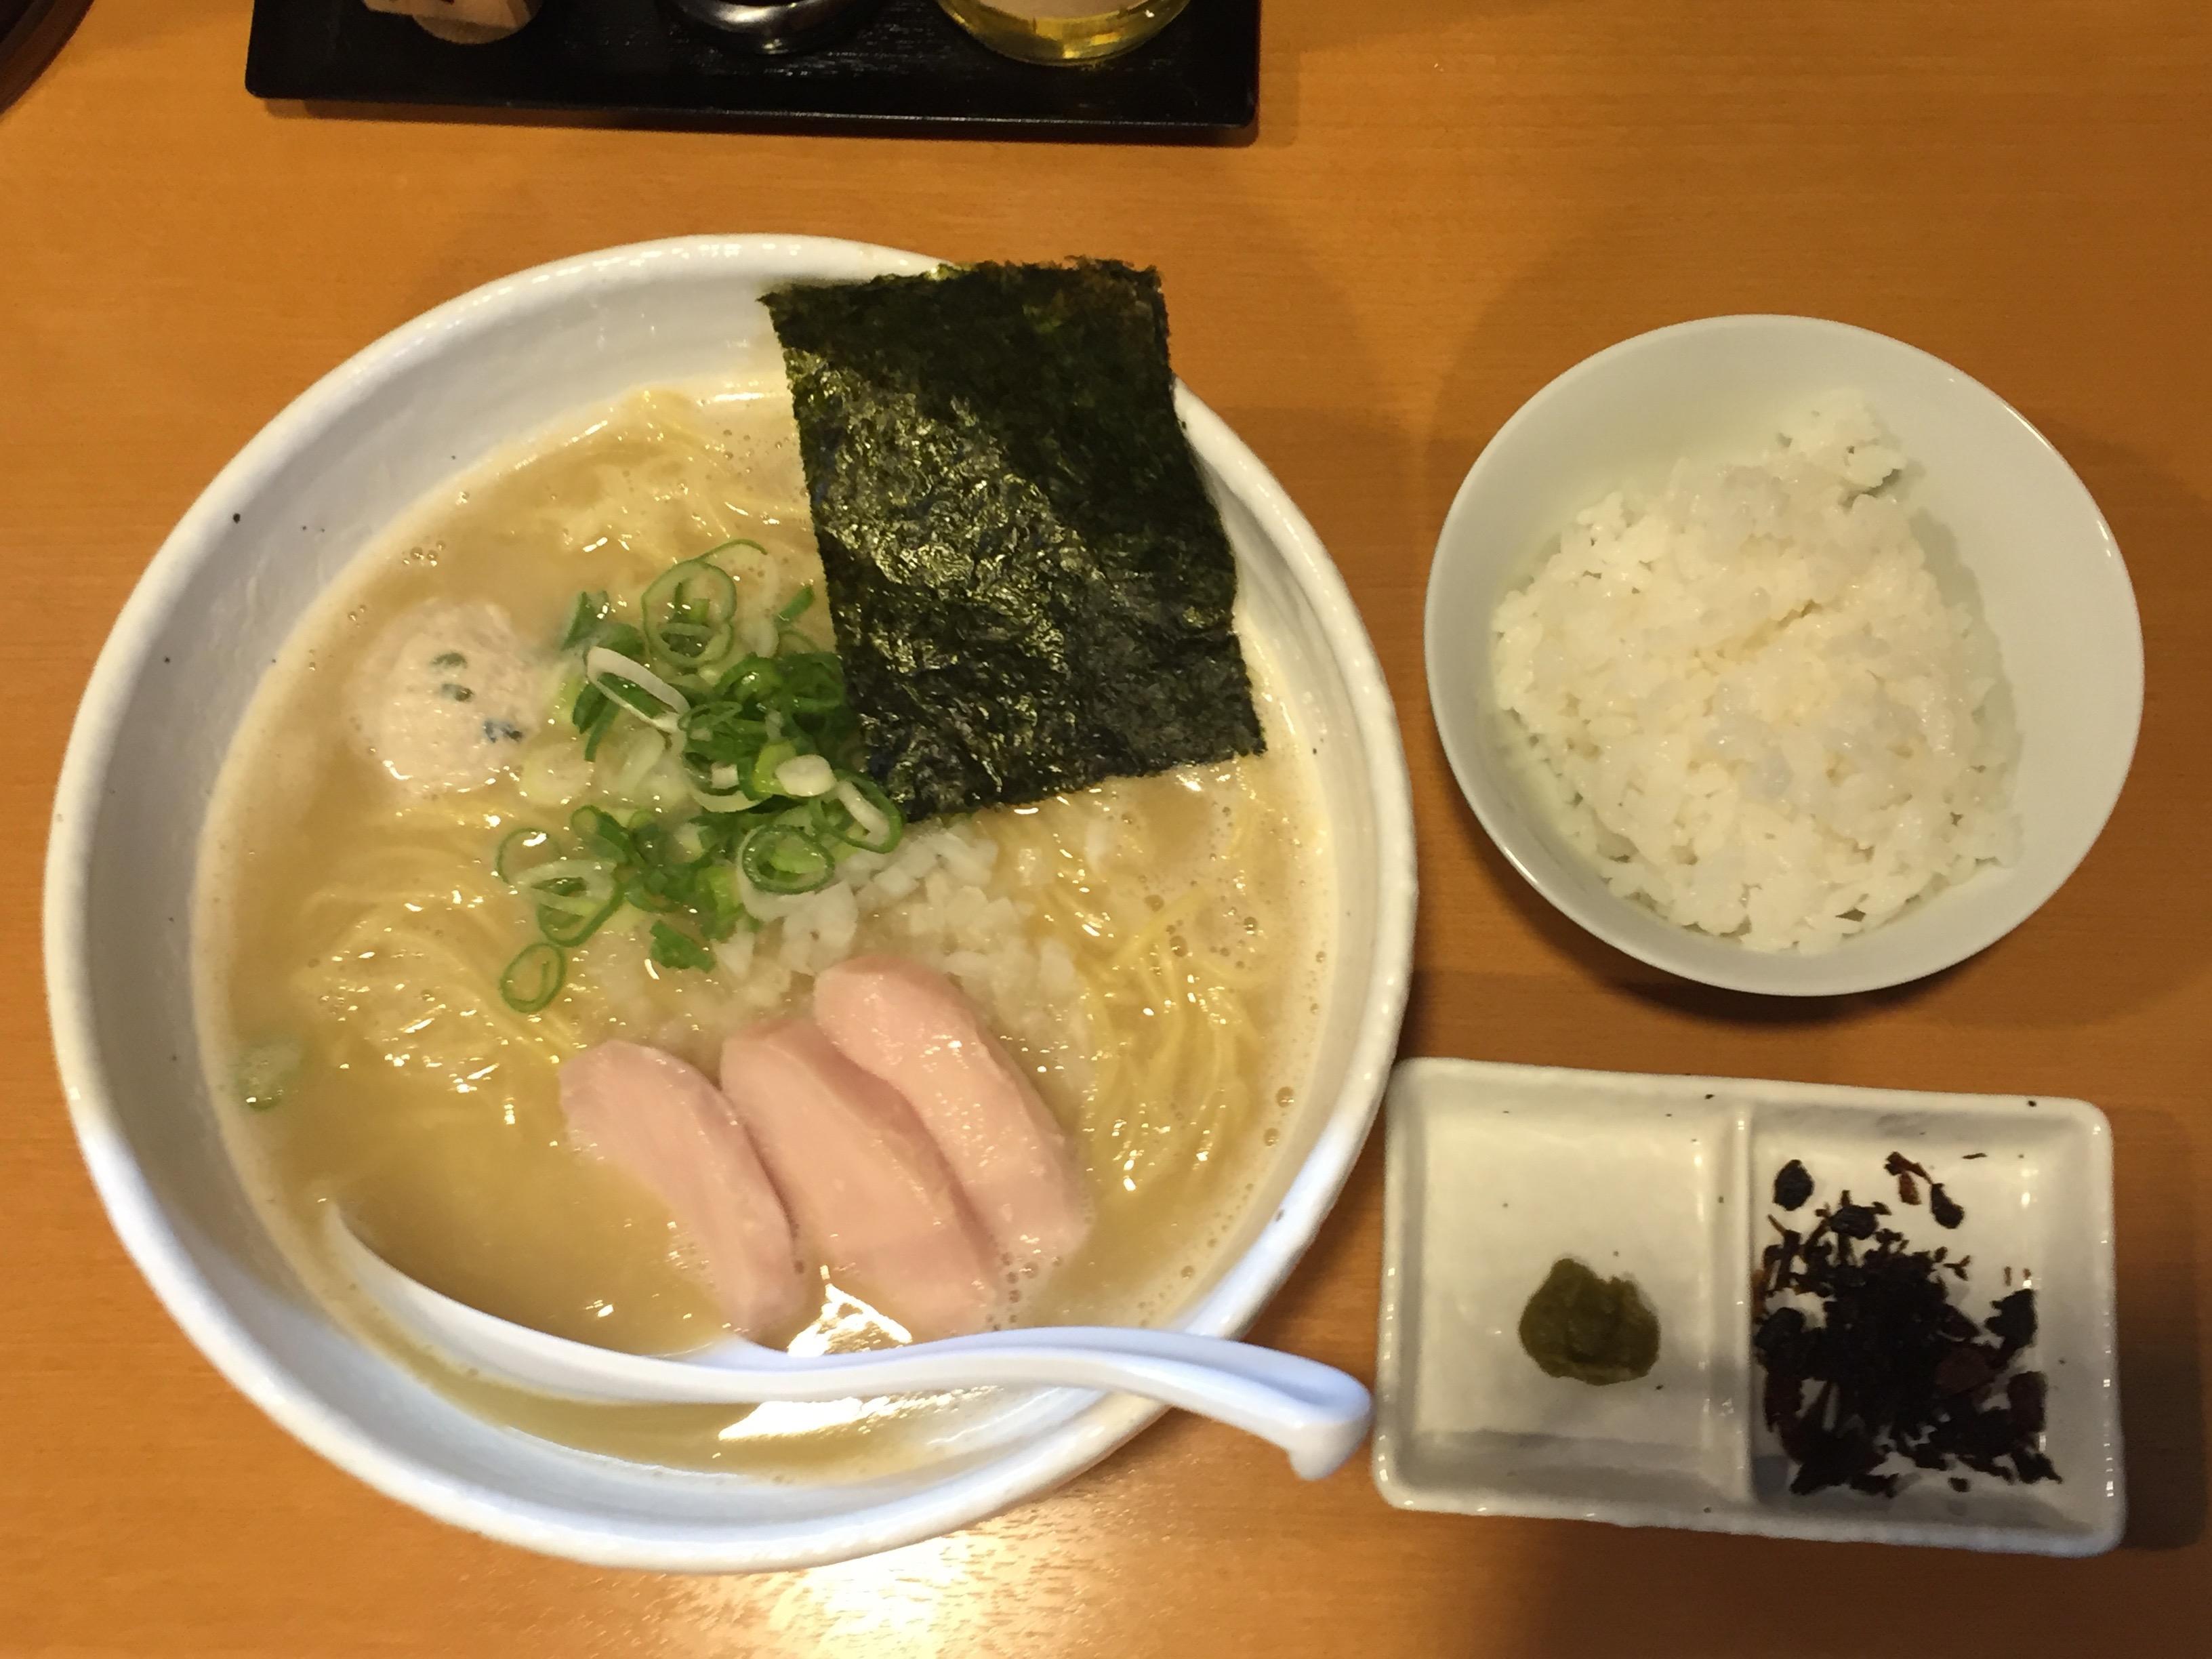 【亀有】食べ飽きない亀有グルメ「らーめん銀杏」の鶏そば塩がおいしすぎる!